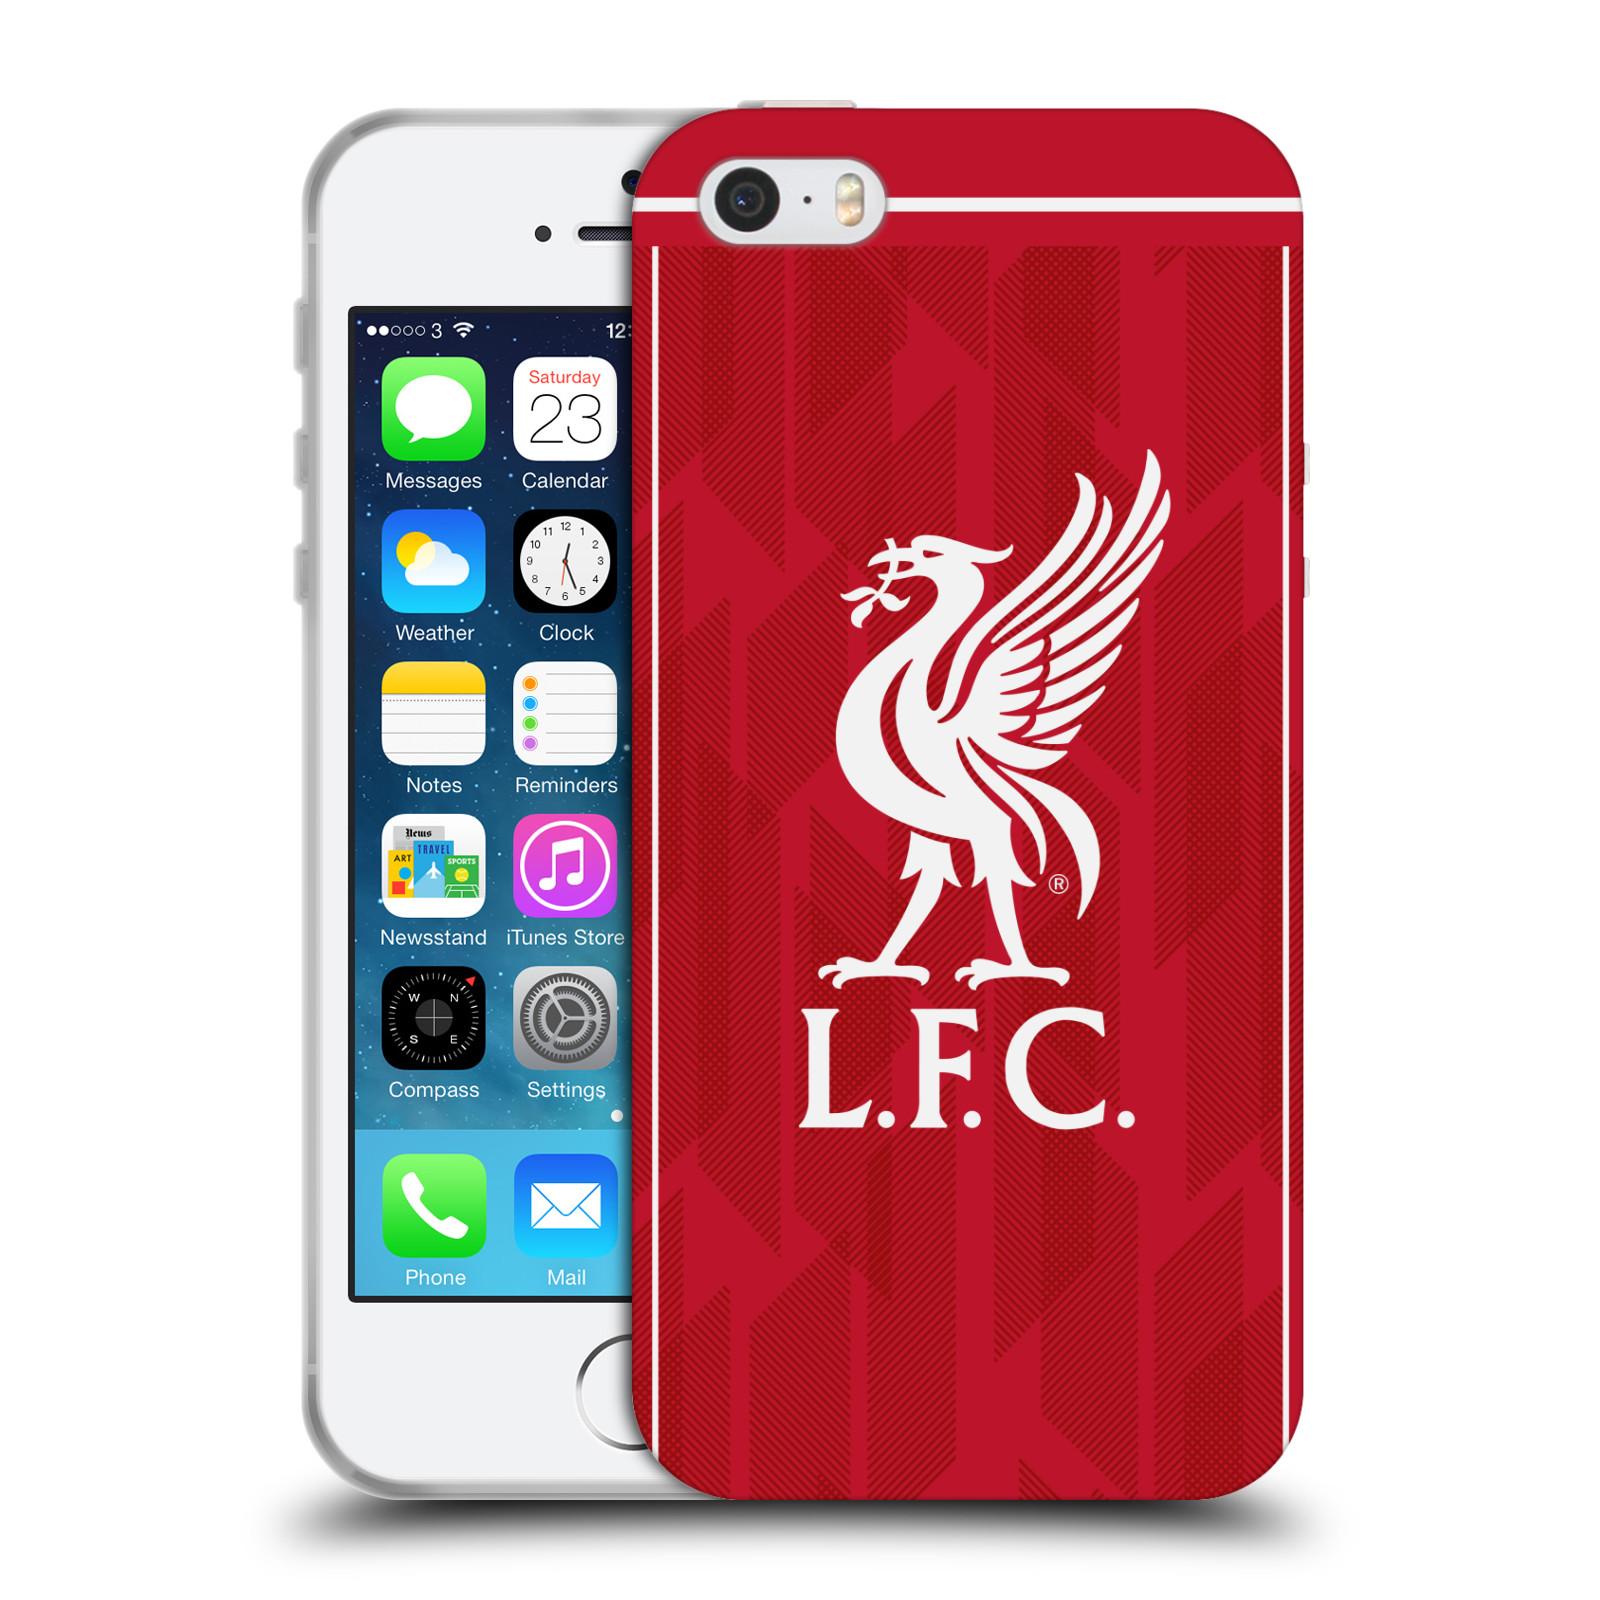 Silikonové pouzdro na mobil Apple iPhone 5, 5S, SE - Head Case - Liverpool FC - L.F.C. Home kit